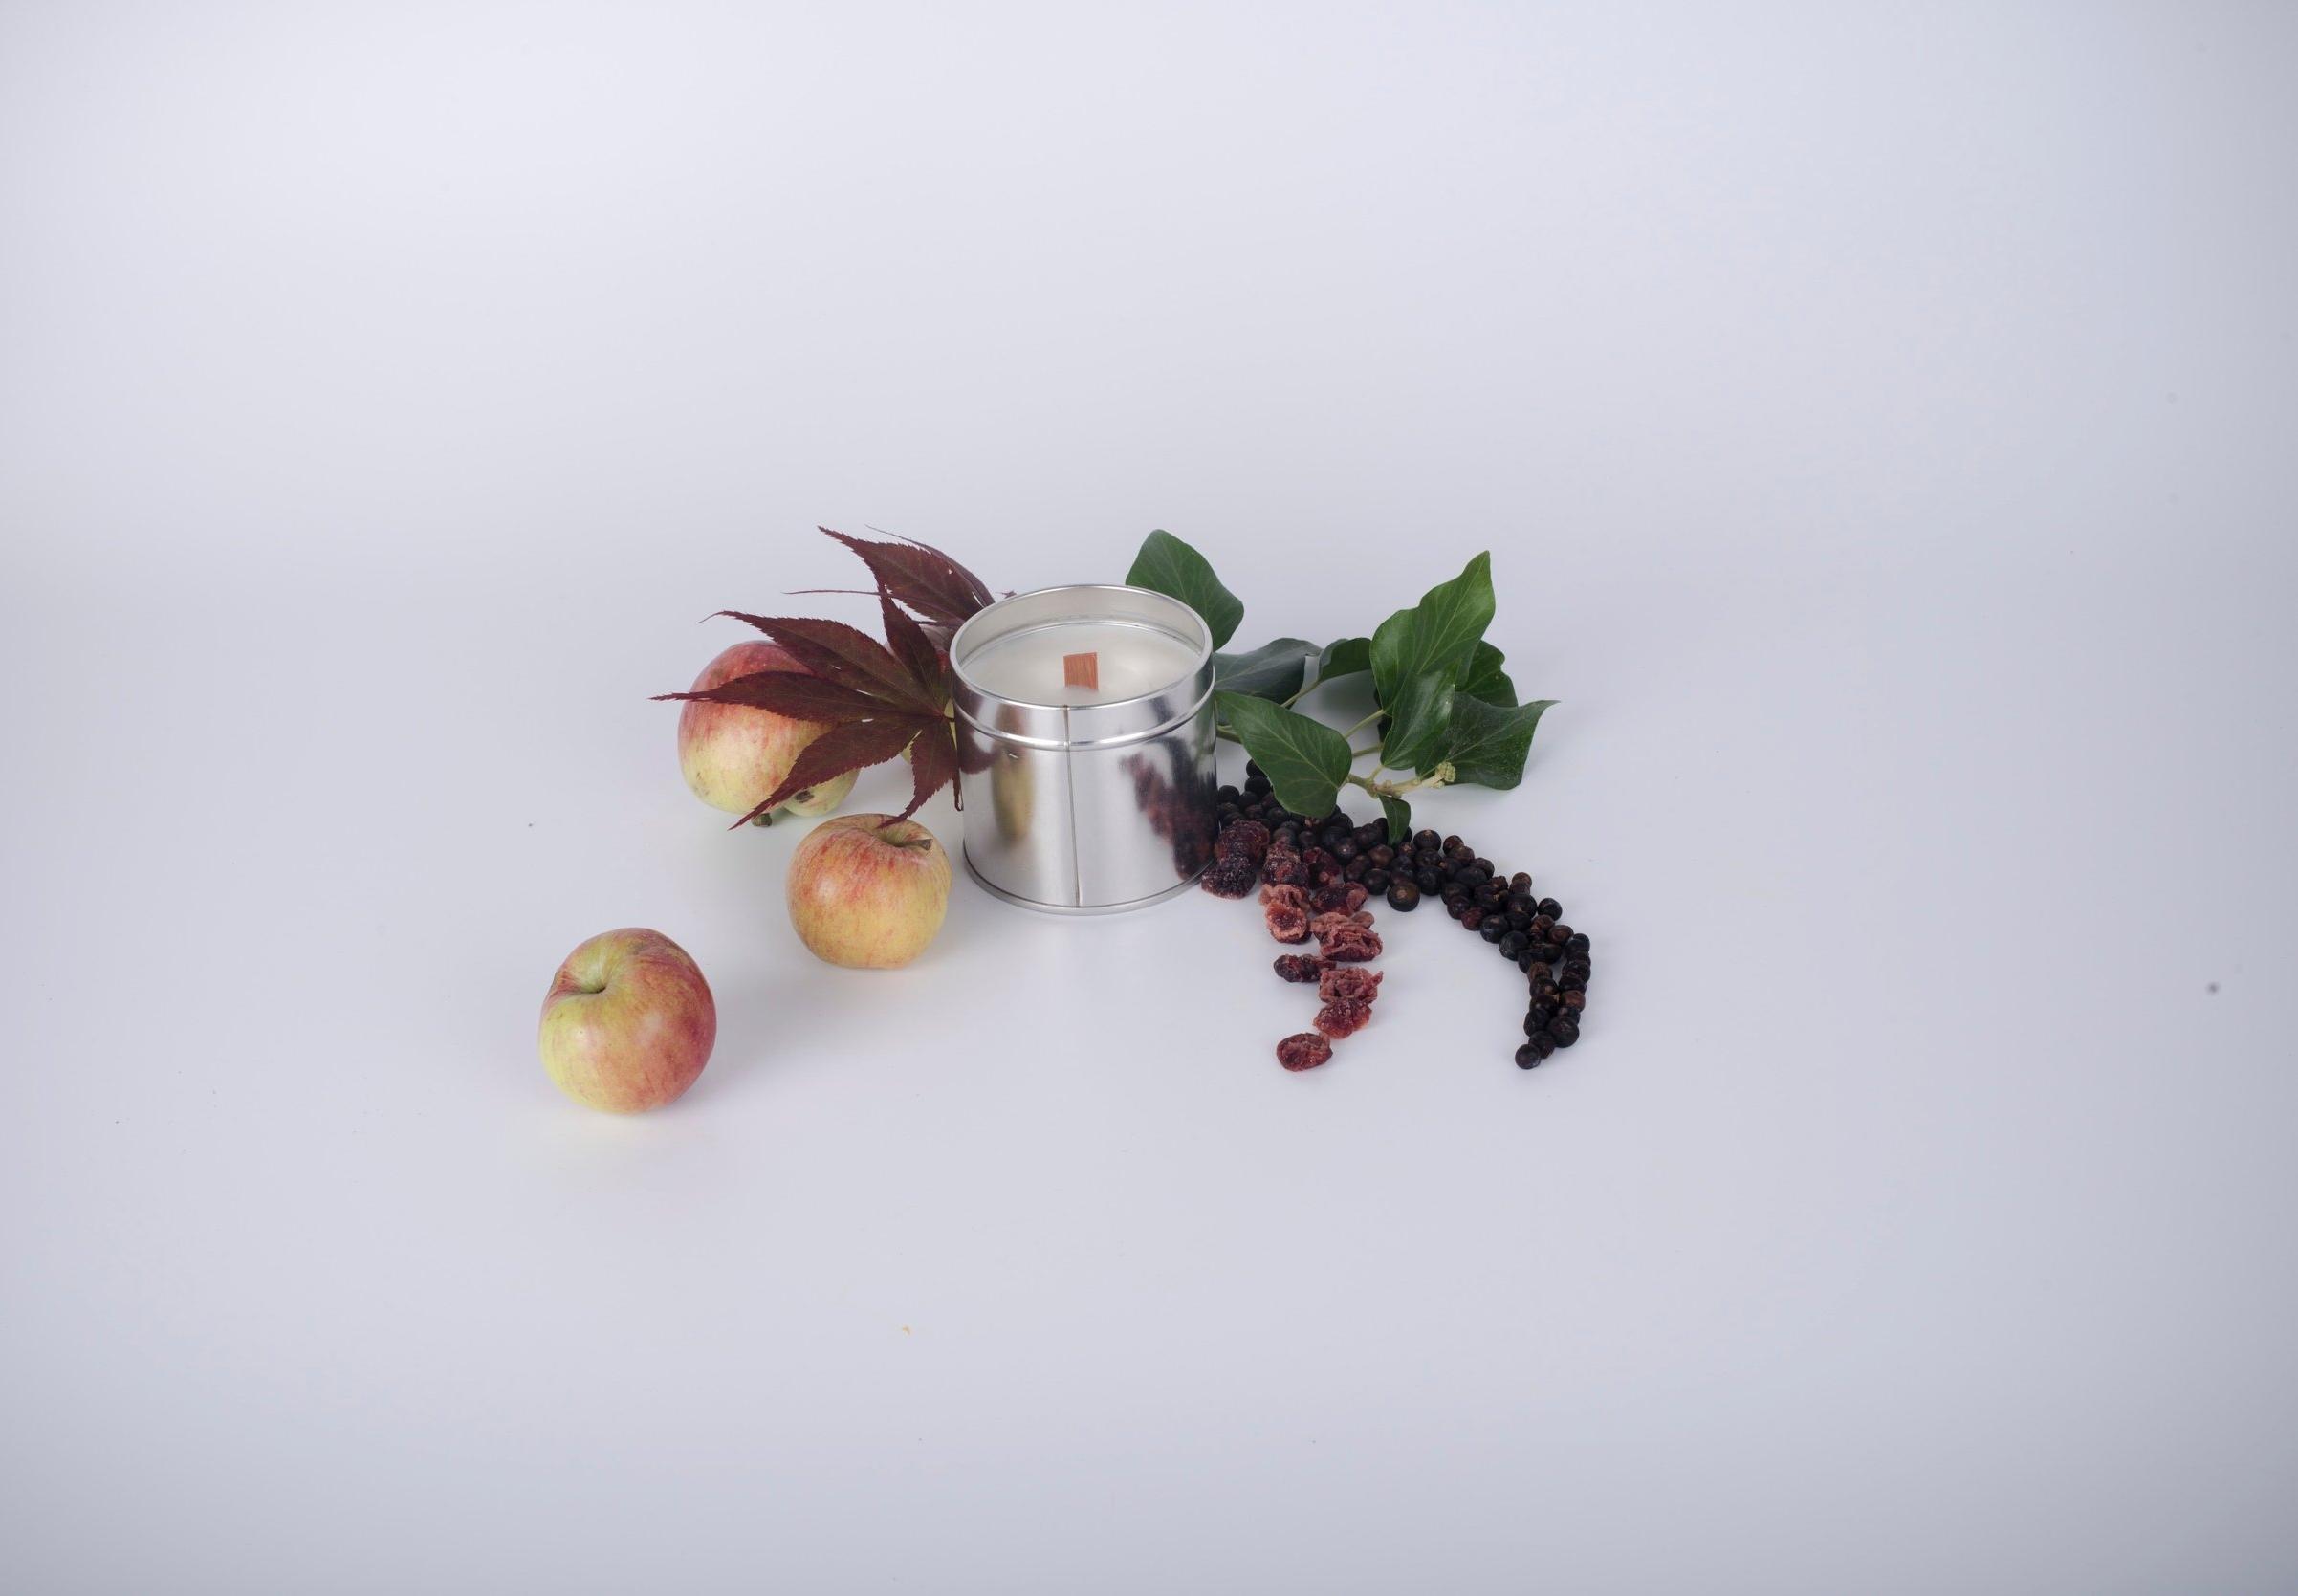 Fruity Scents - Scent Of Switzerland - La Piste, Apple Strudel, Madame Santa, Toblerone Trail